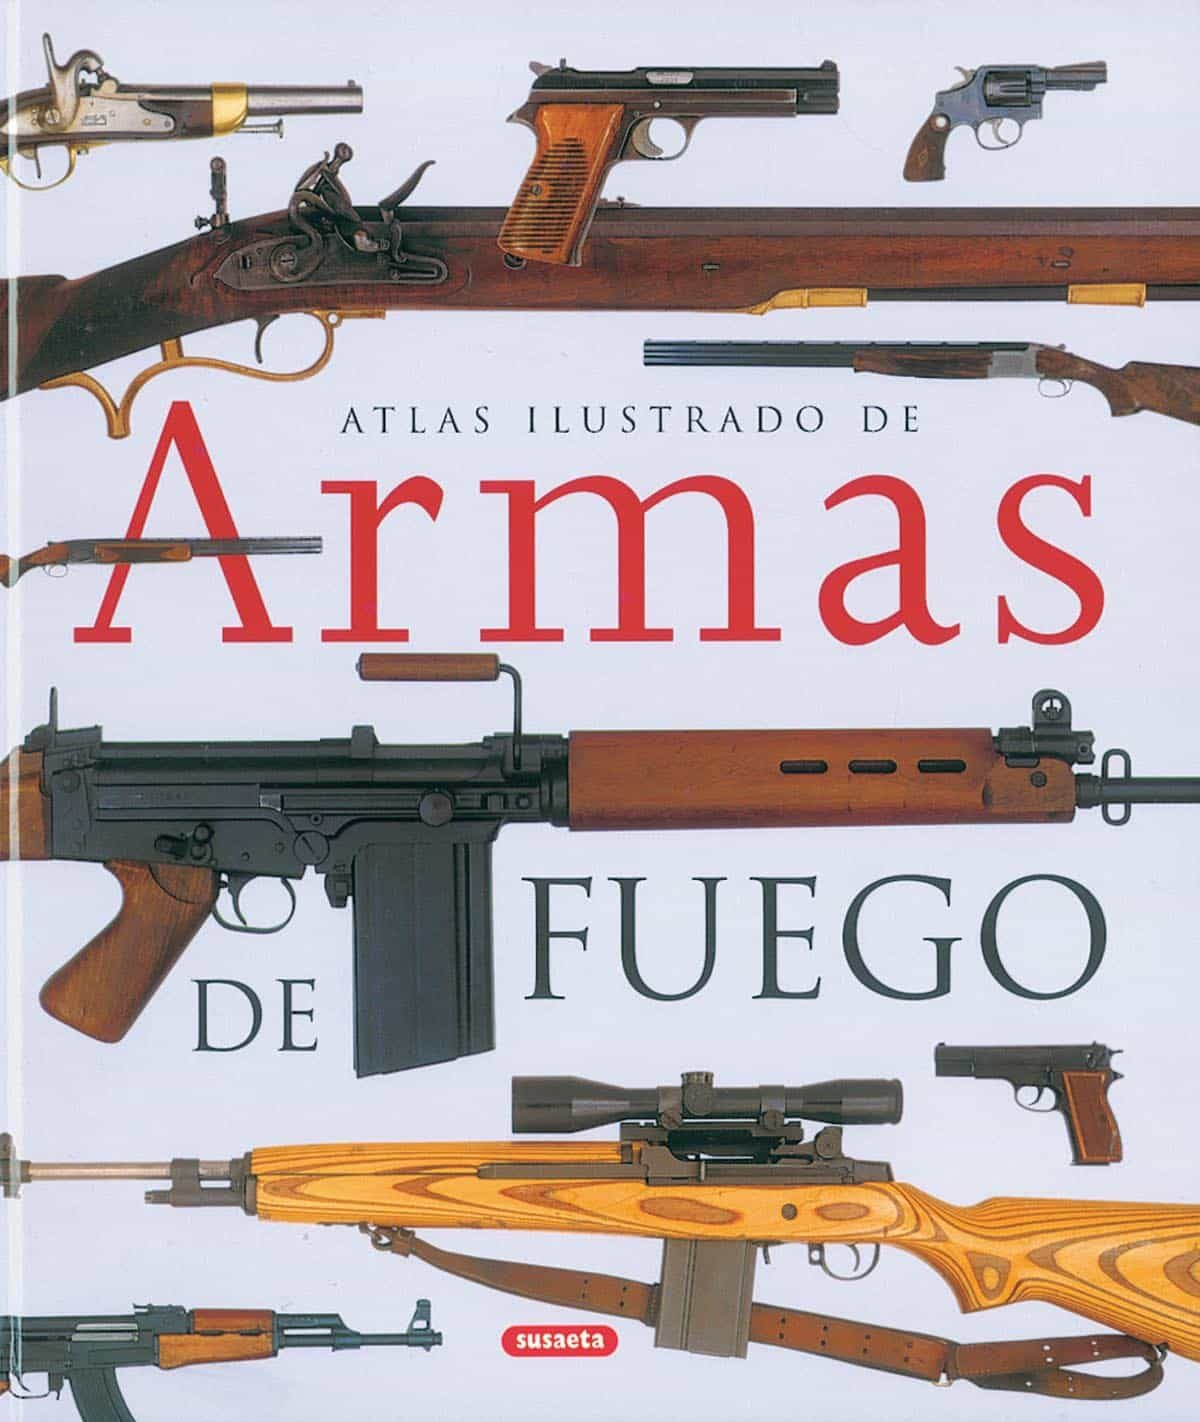 Atlas Ilustrado De Armas De Fuego Militares Y Deportivas Del Sigl O Xx - Vv.aa.